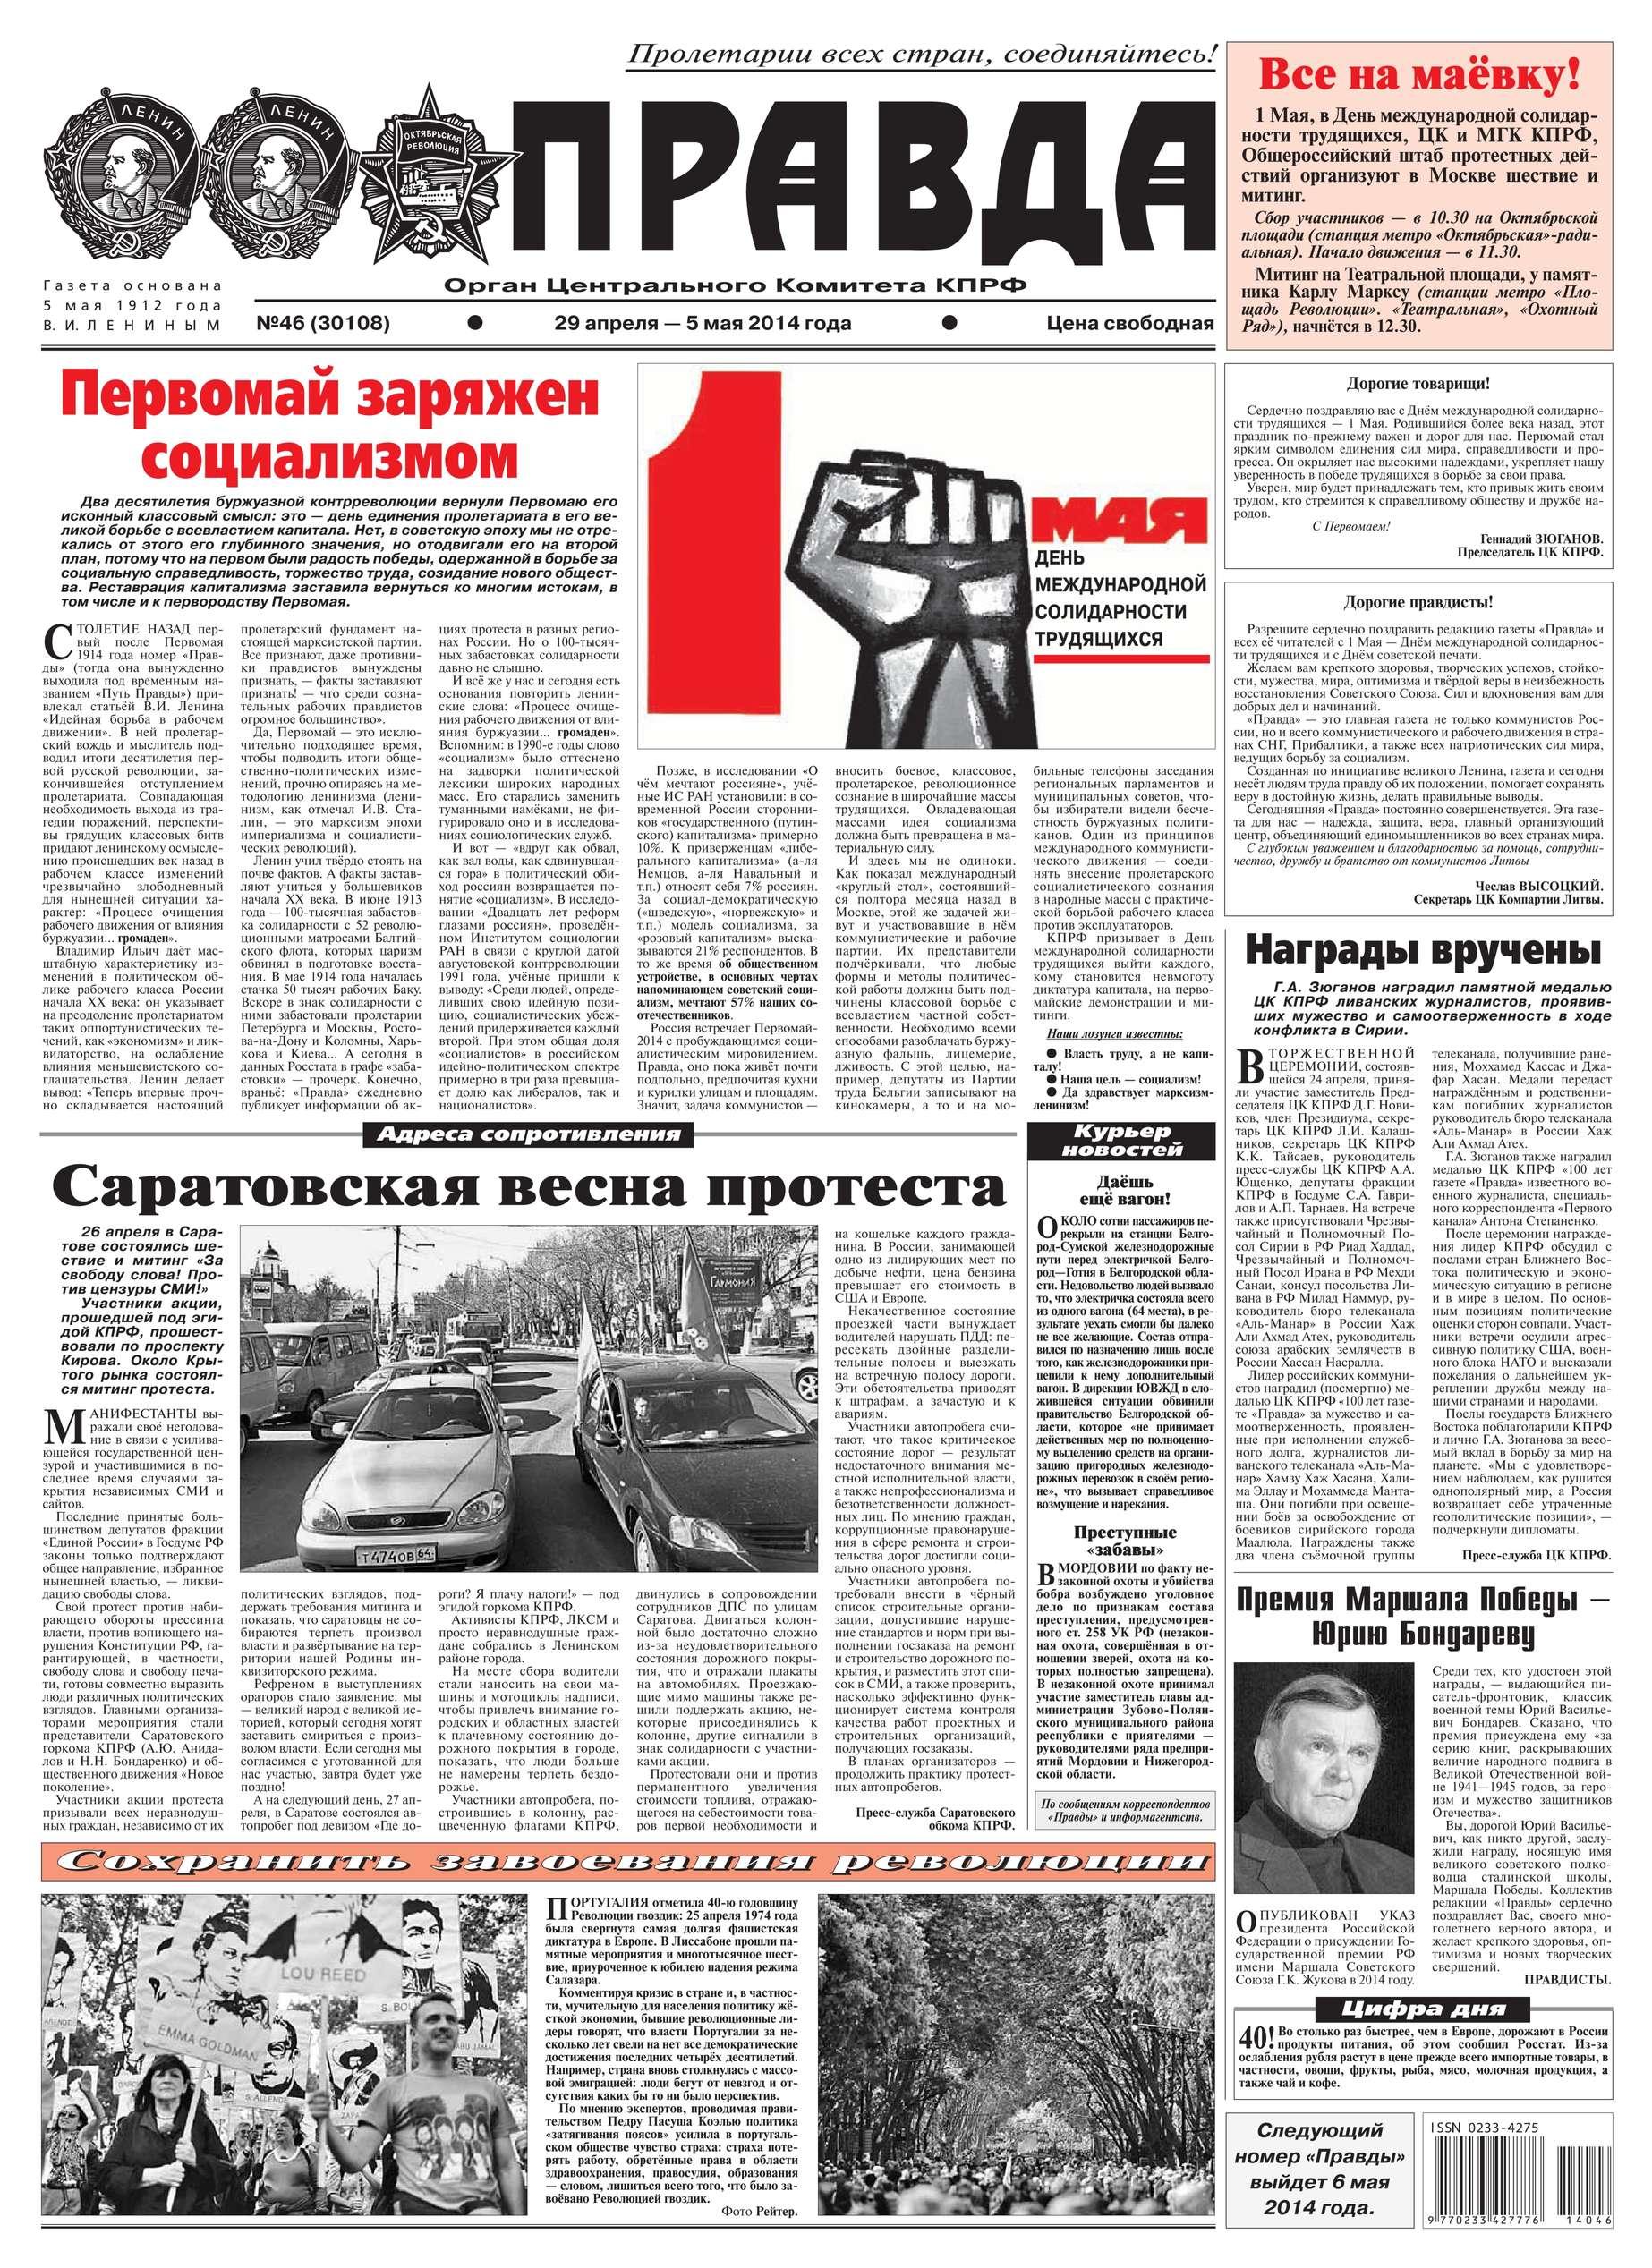 Редакция газеты Правда Правда 46 редакция газеты правда правда 69 2017